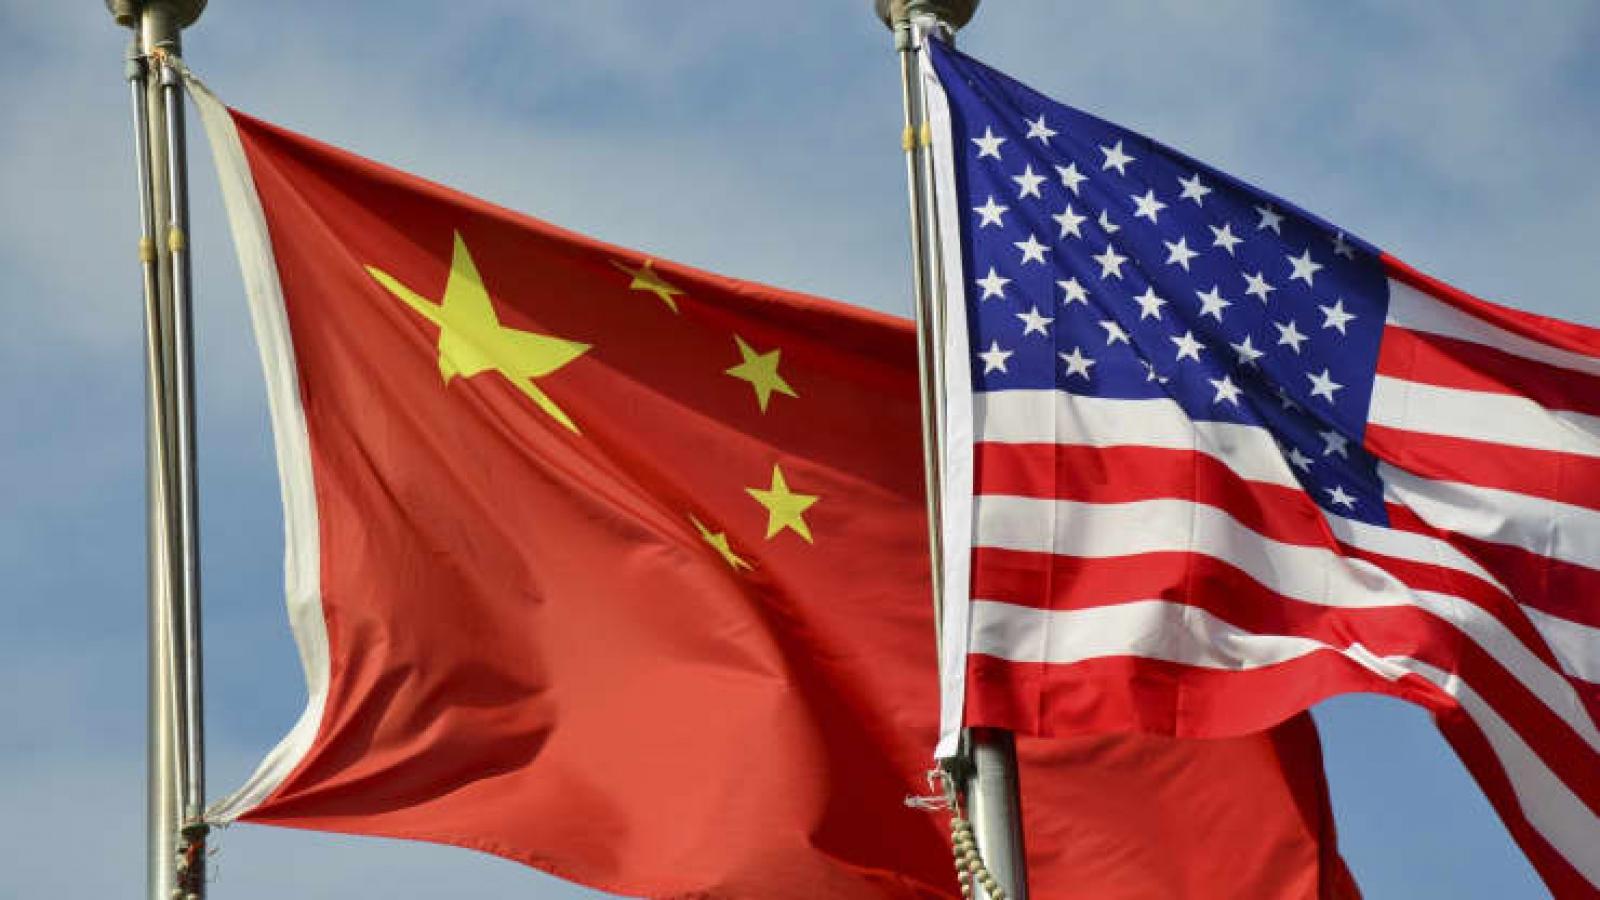 Trung Quốc kịch liệt phản đối Mỹ đưa 23 thực thể vào danh sách đen